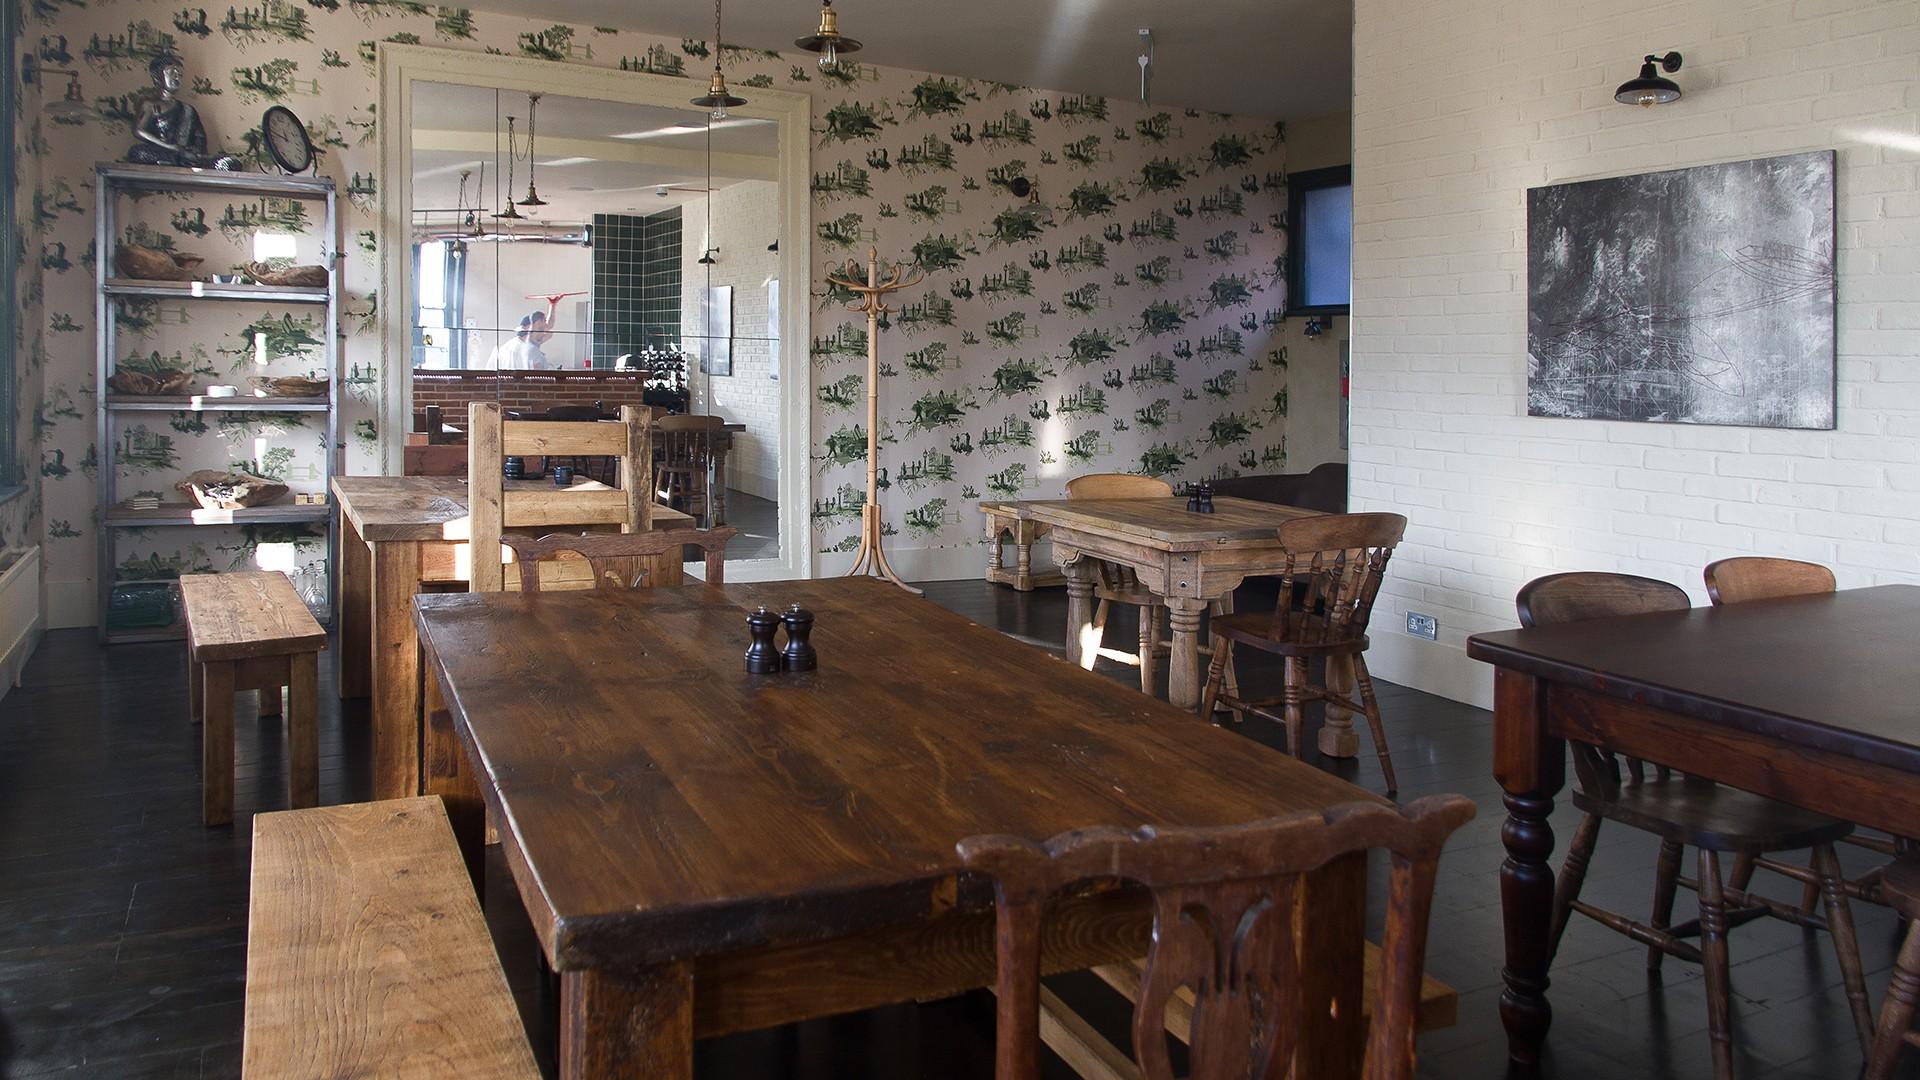 Sustainable restaurants London: Three Stags